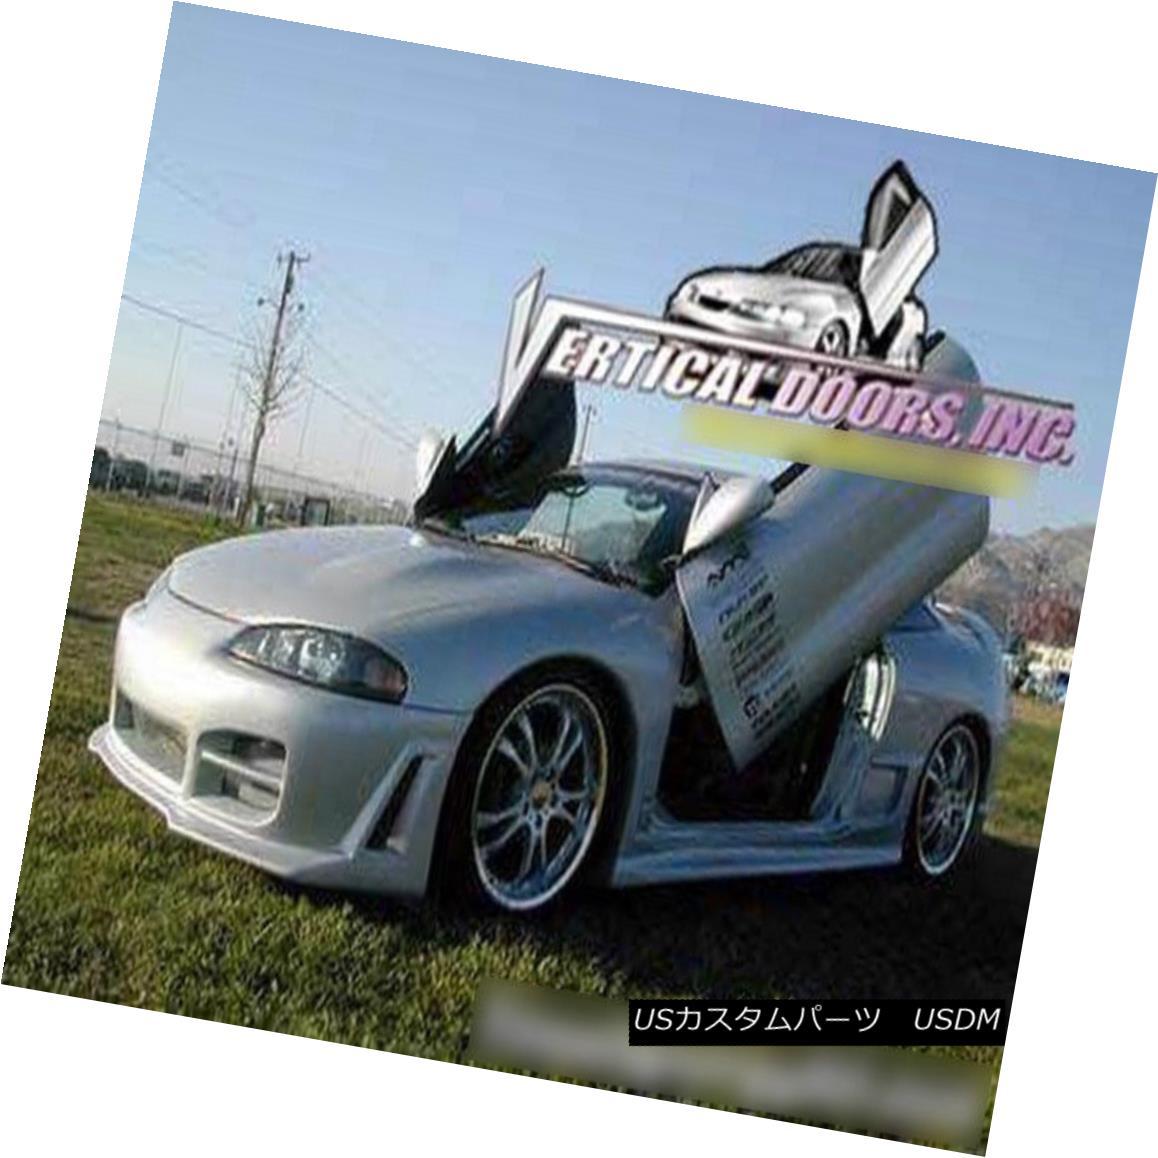 ガルウィングキット Vertical Doors Inc. Bolt-On Lambo Kit for Mitsubishi Eclipse 95-99 Vertical Doors Inc.三菱Eclipse 95-99用Bolt-On Lamboキット